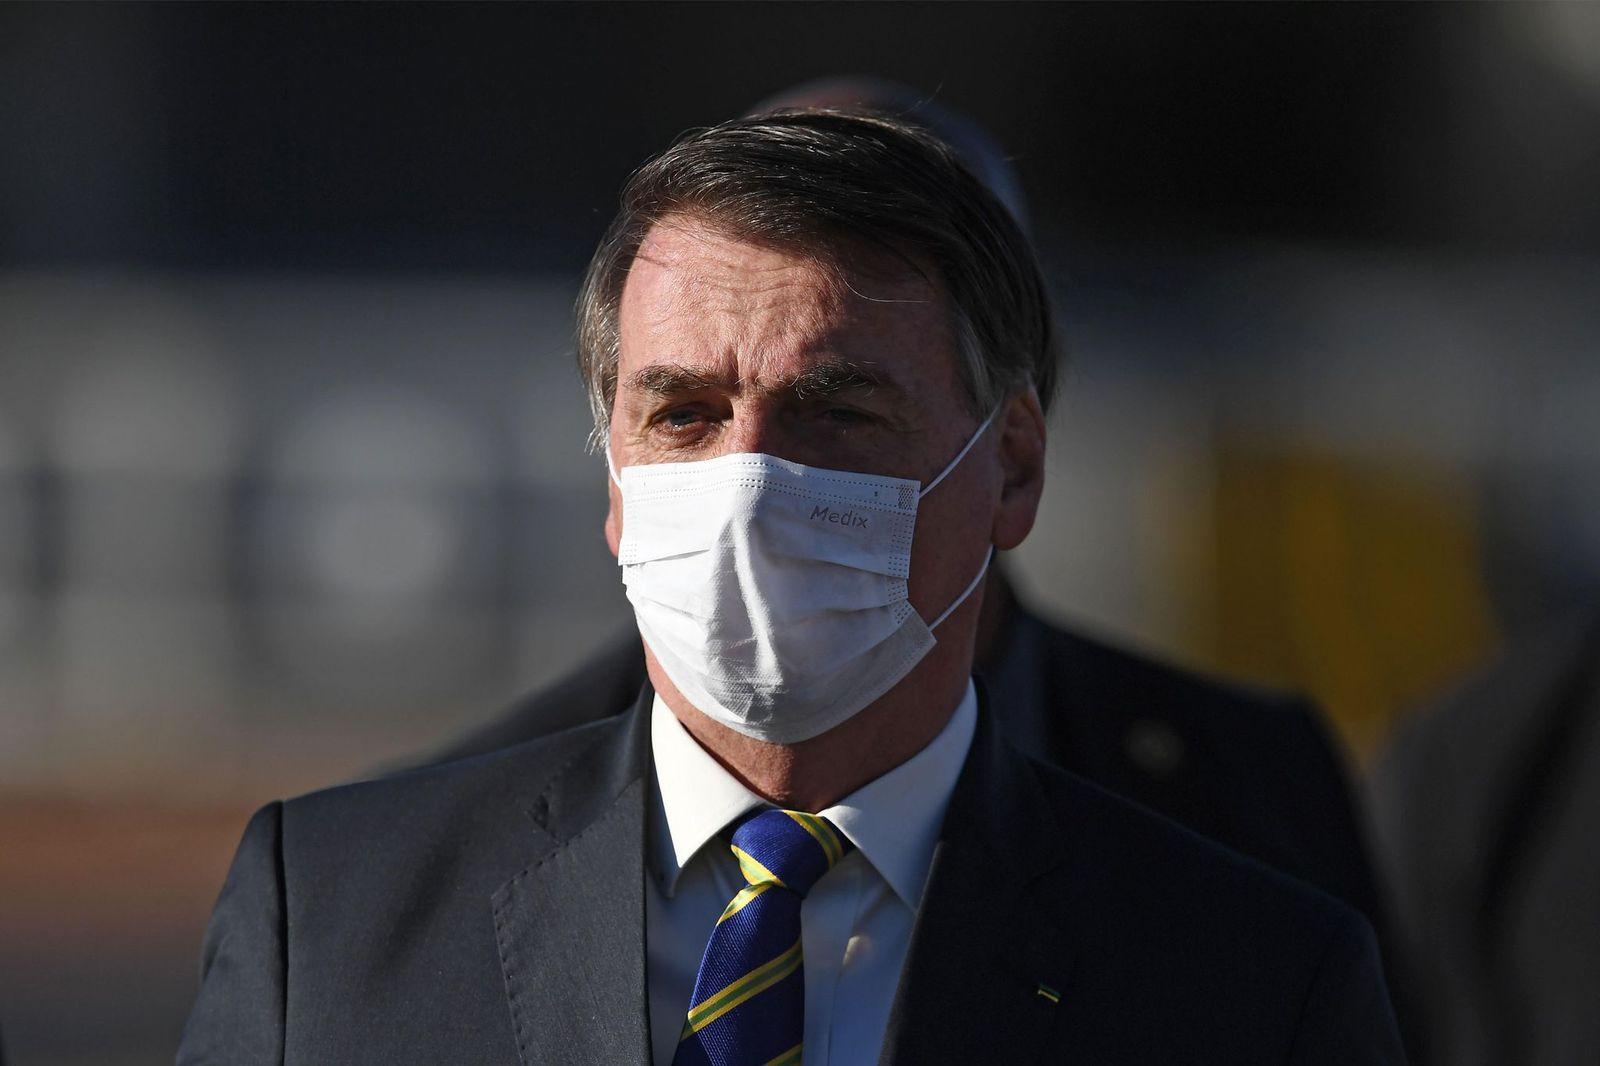 Brésil : Le président Bolsonaro testé positif au Covid-19